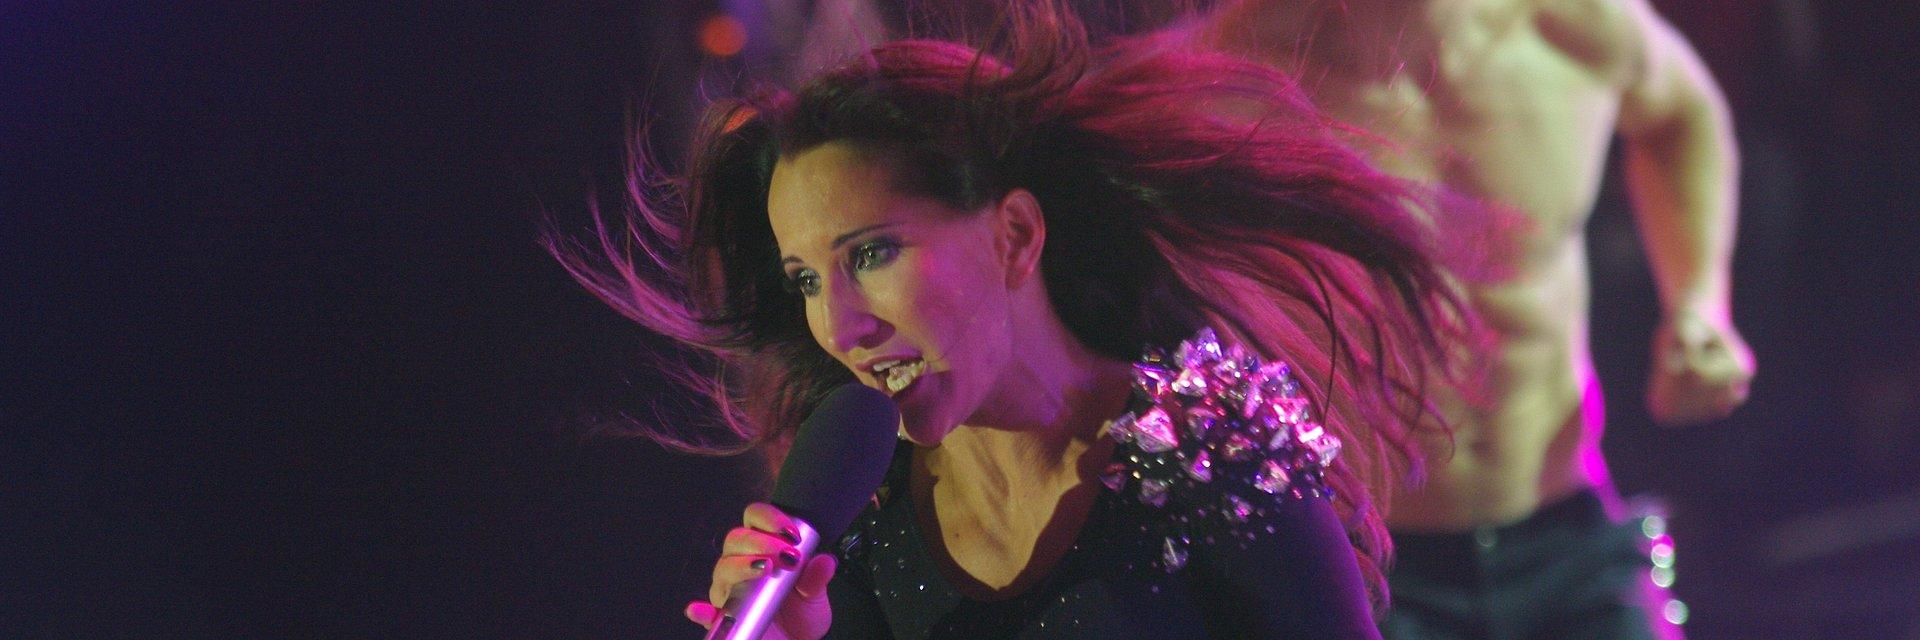 Koncert Justyny Steczkowskiej dostępny w streamingu